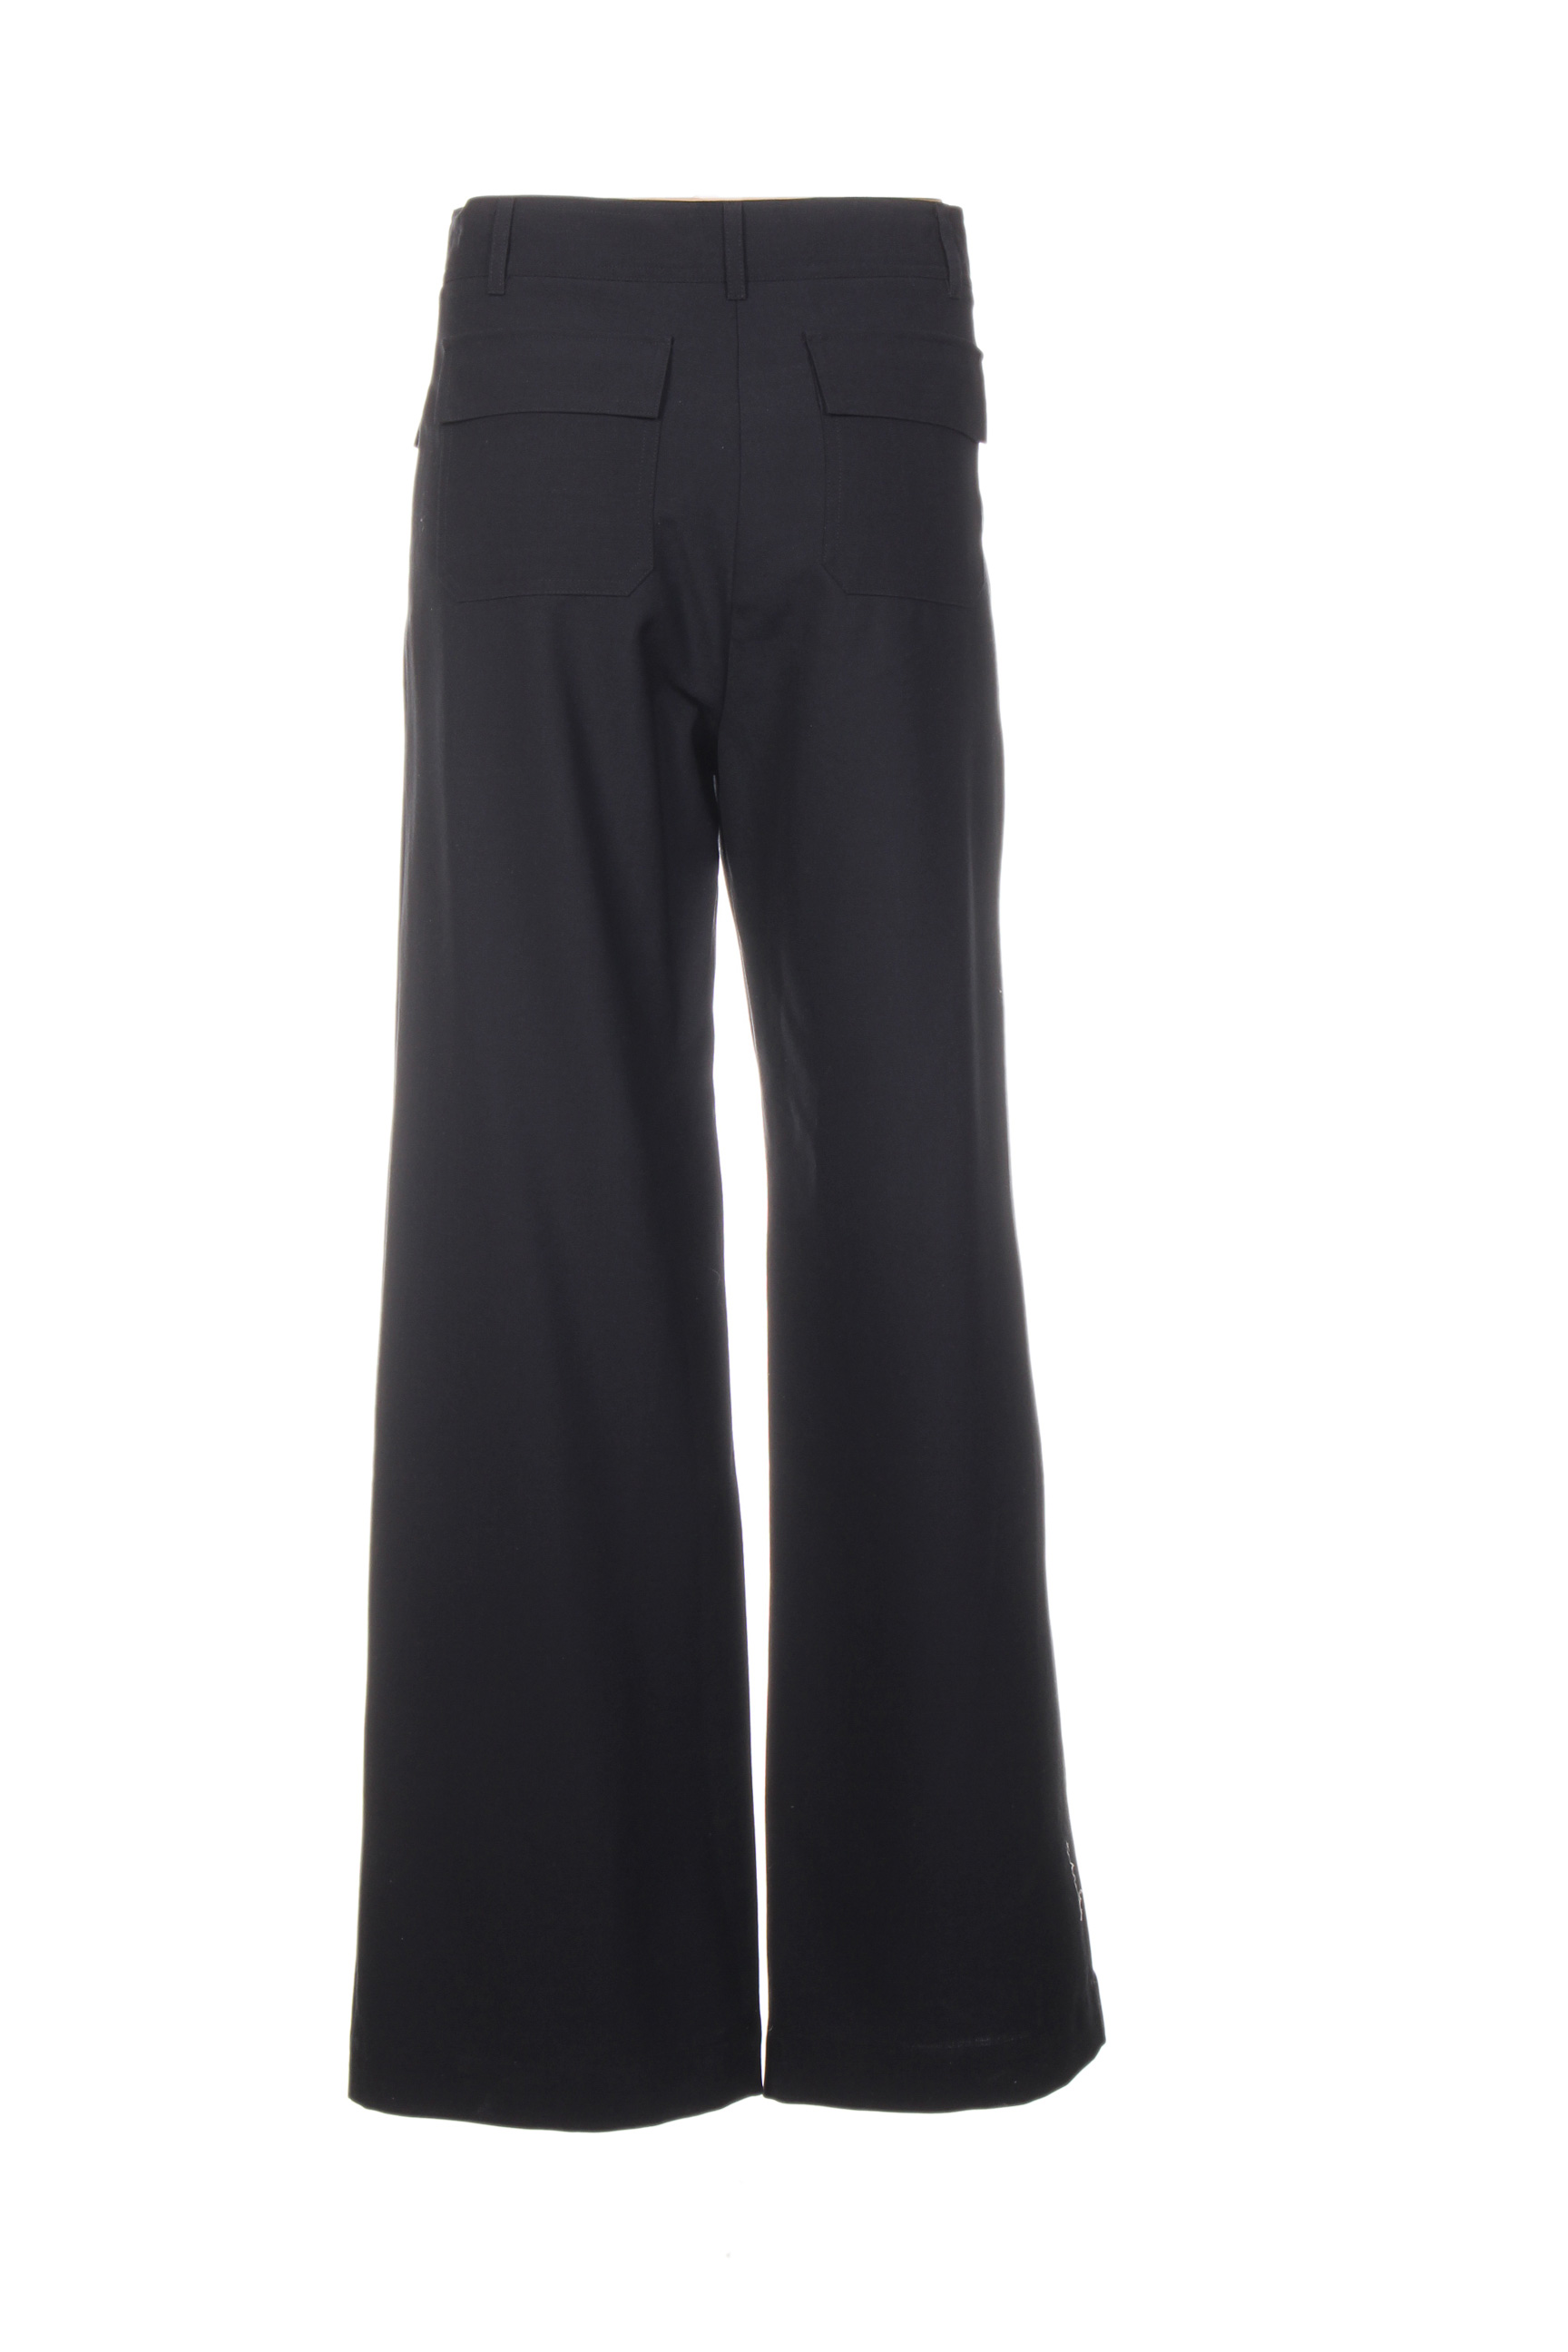 Sessun Pantalons Citadins Femme De Couleur Bleu En Soldes Pas Cher 1398765-bleu00